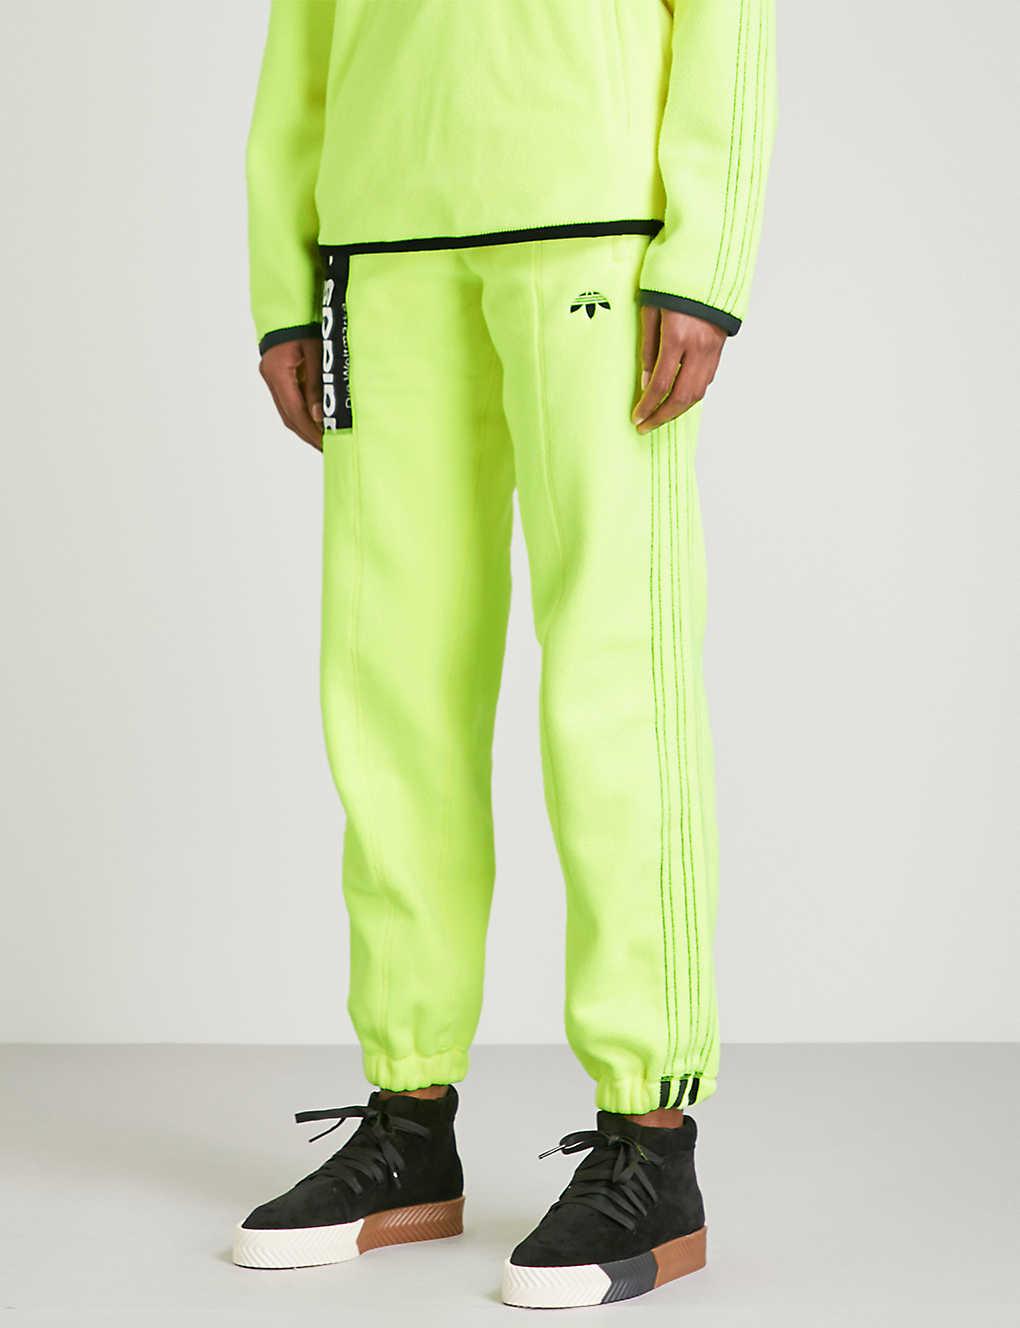 82337df18fa113 ADIDAS X ALEXANDER WANG - Polar fleece jogging bottoms